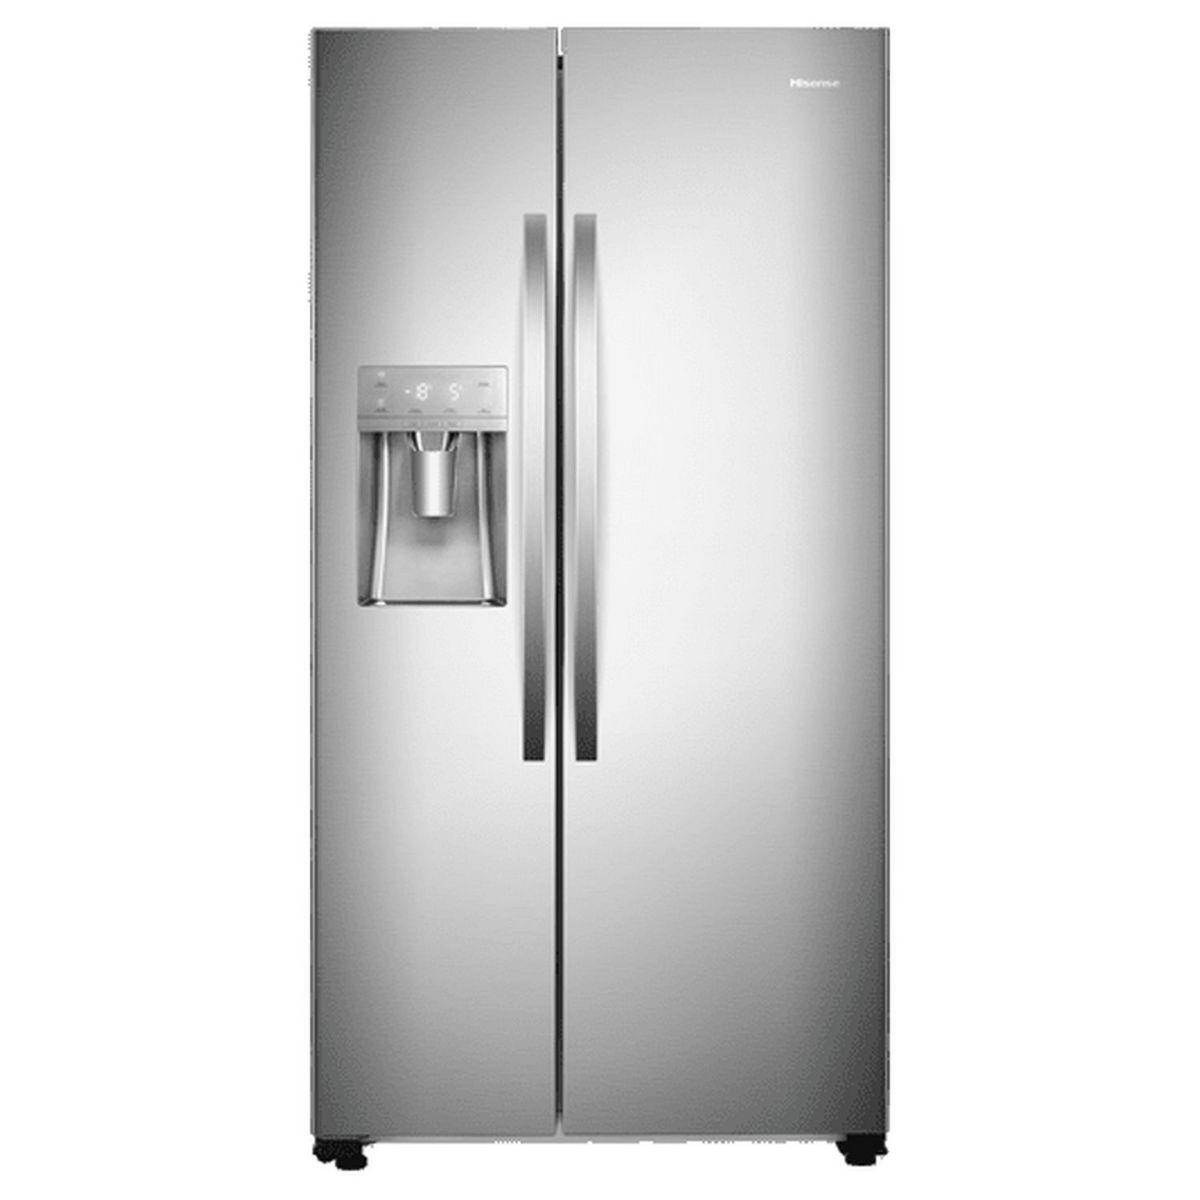 Réfrigérateur américain RS695N4IC1, 535 L, Froid ventilé No Frost